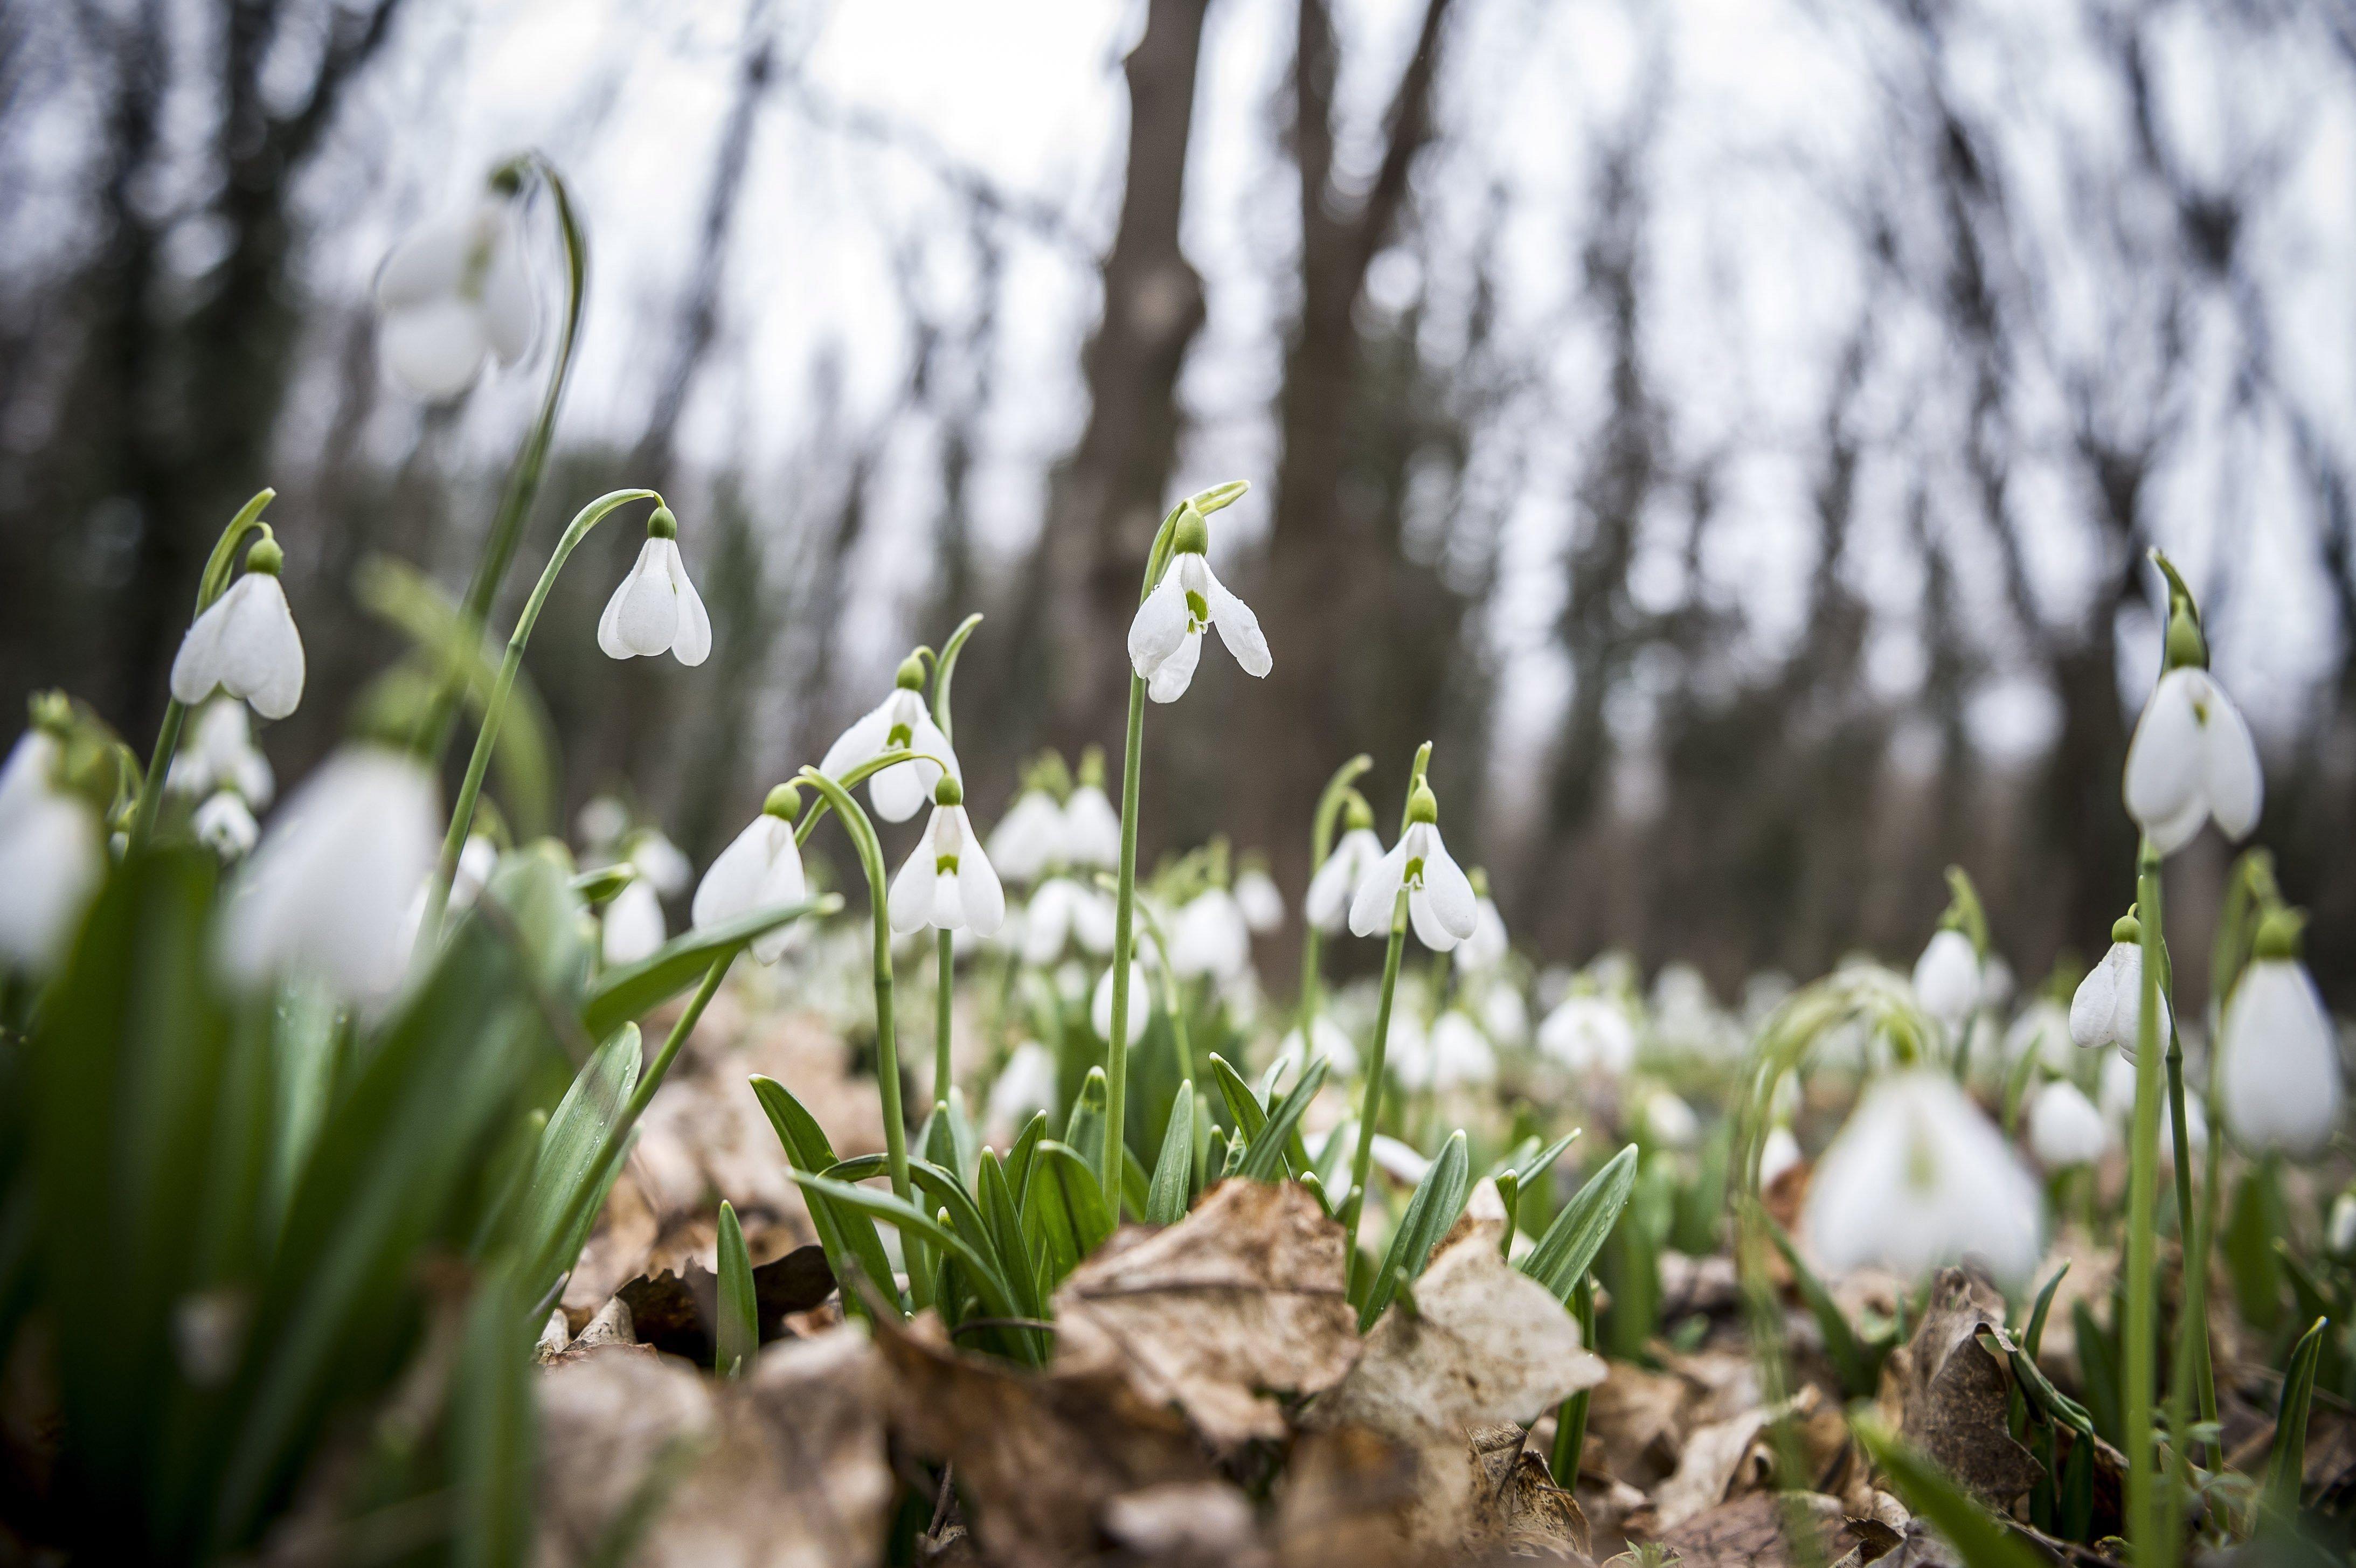 Jön a tavasz, jövő héten akár 16 fok is lehet